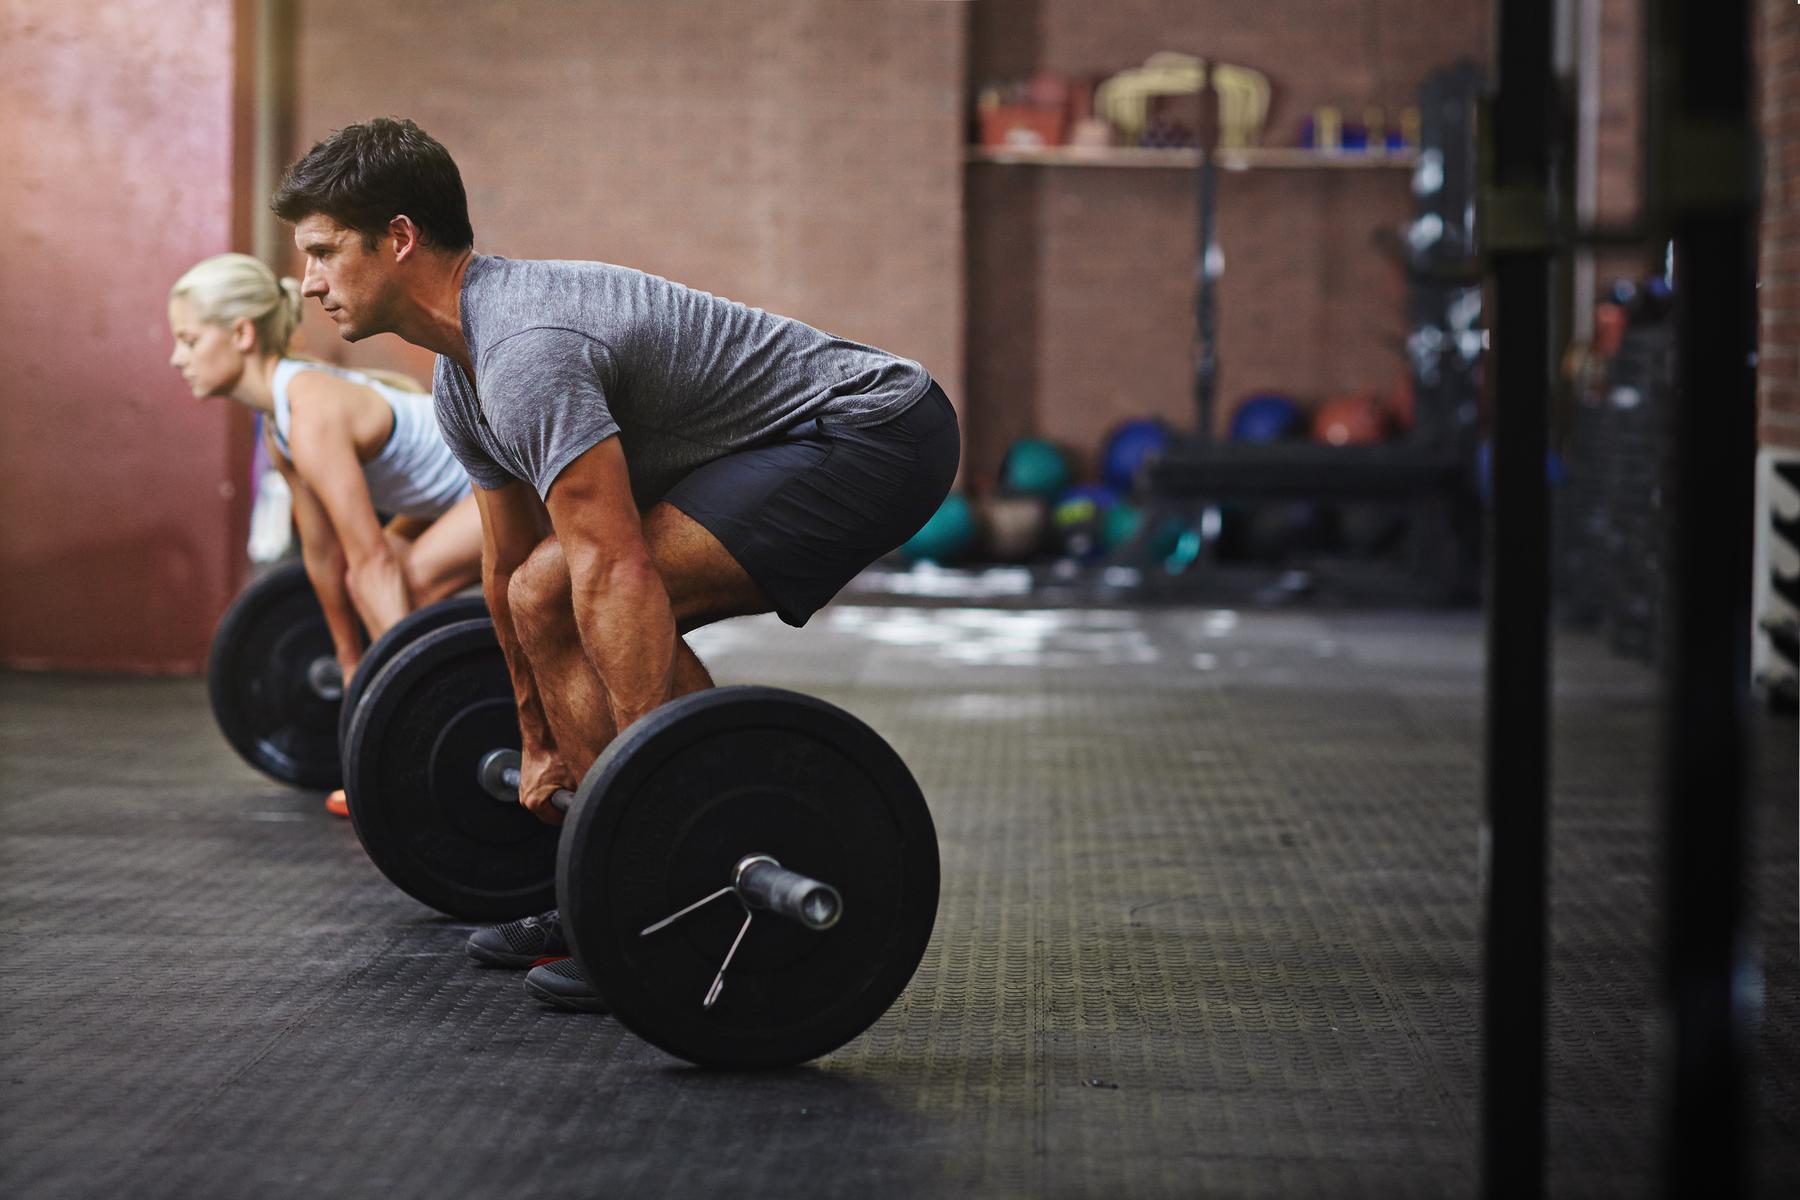 Wie fit bist du nach dem Lockdown? Versuche diese Challenges, um es herauszufinden